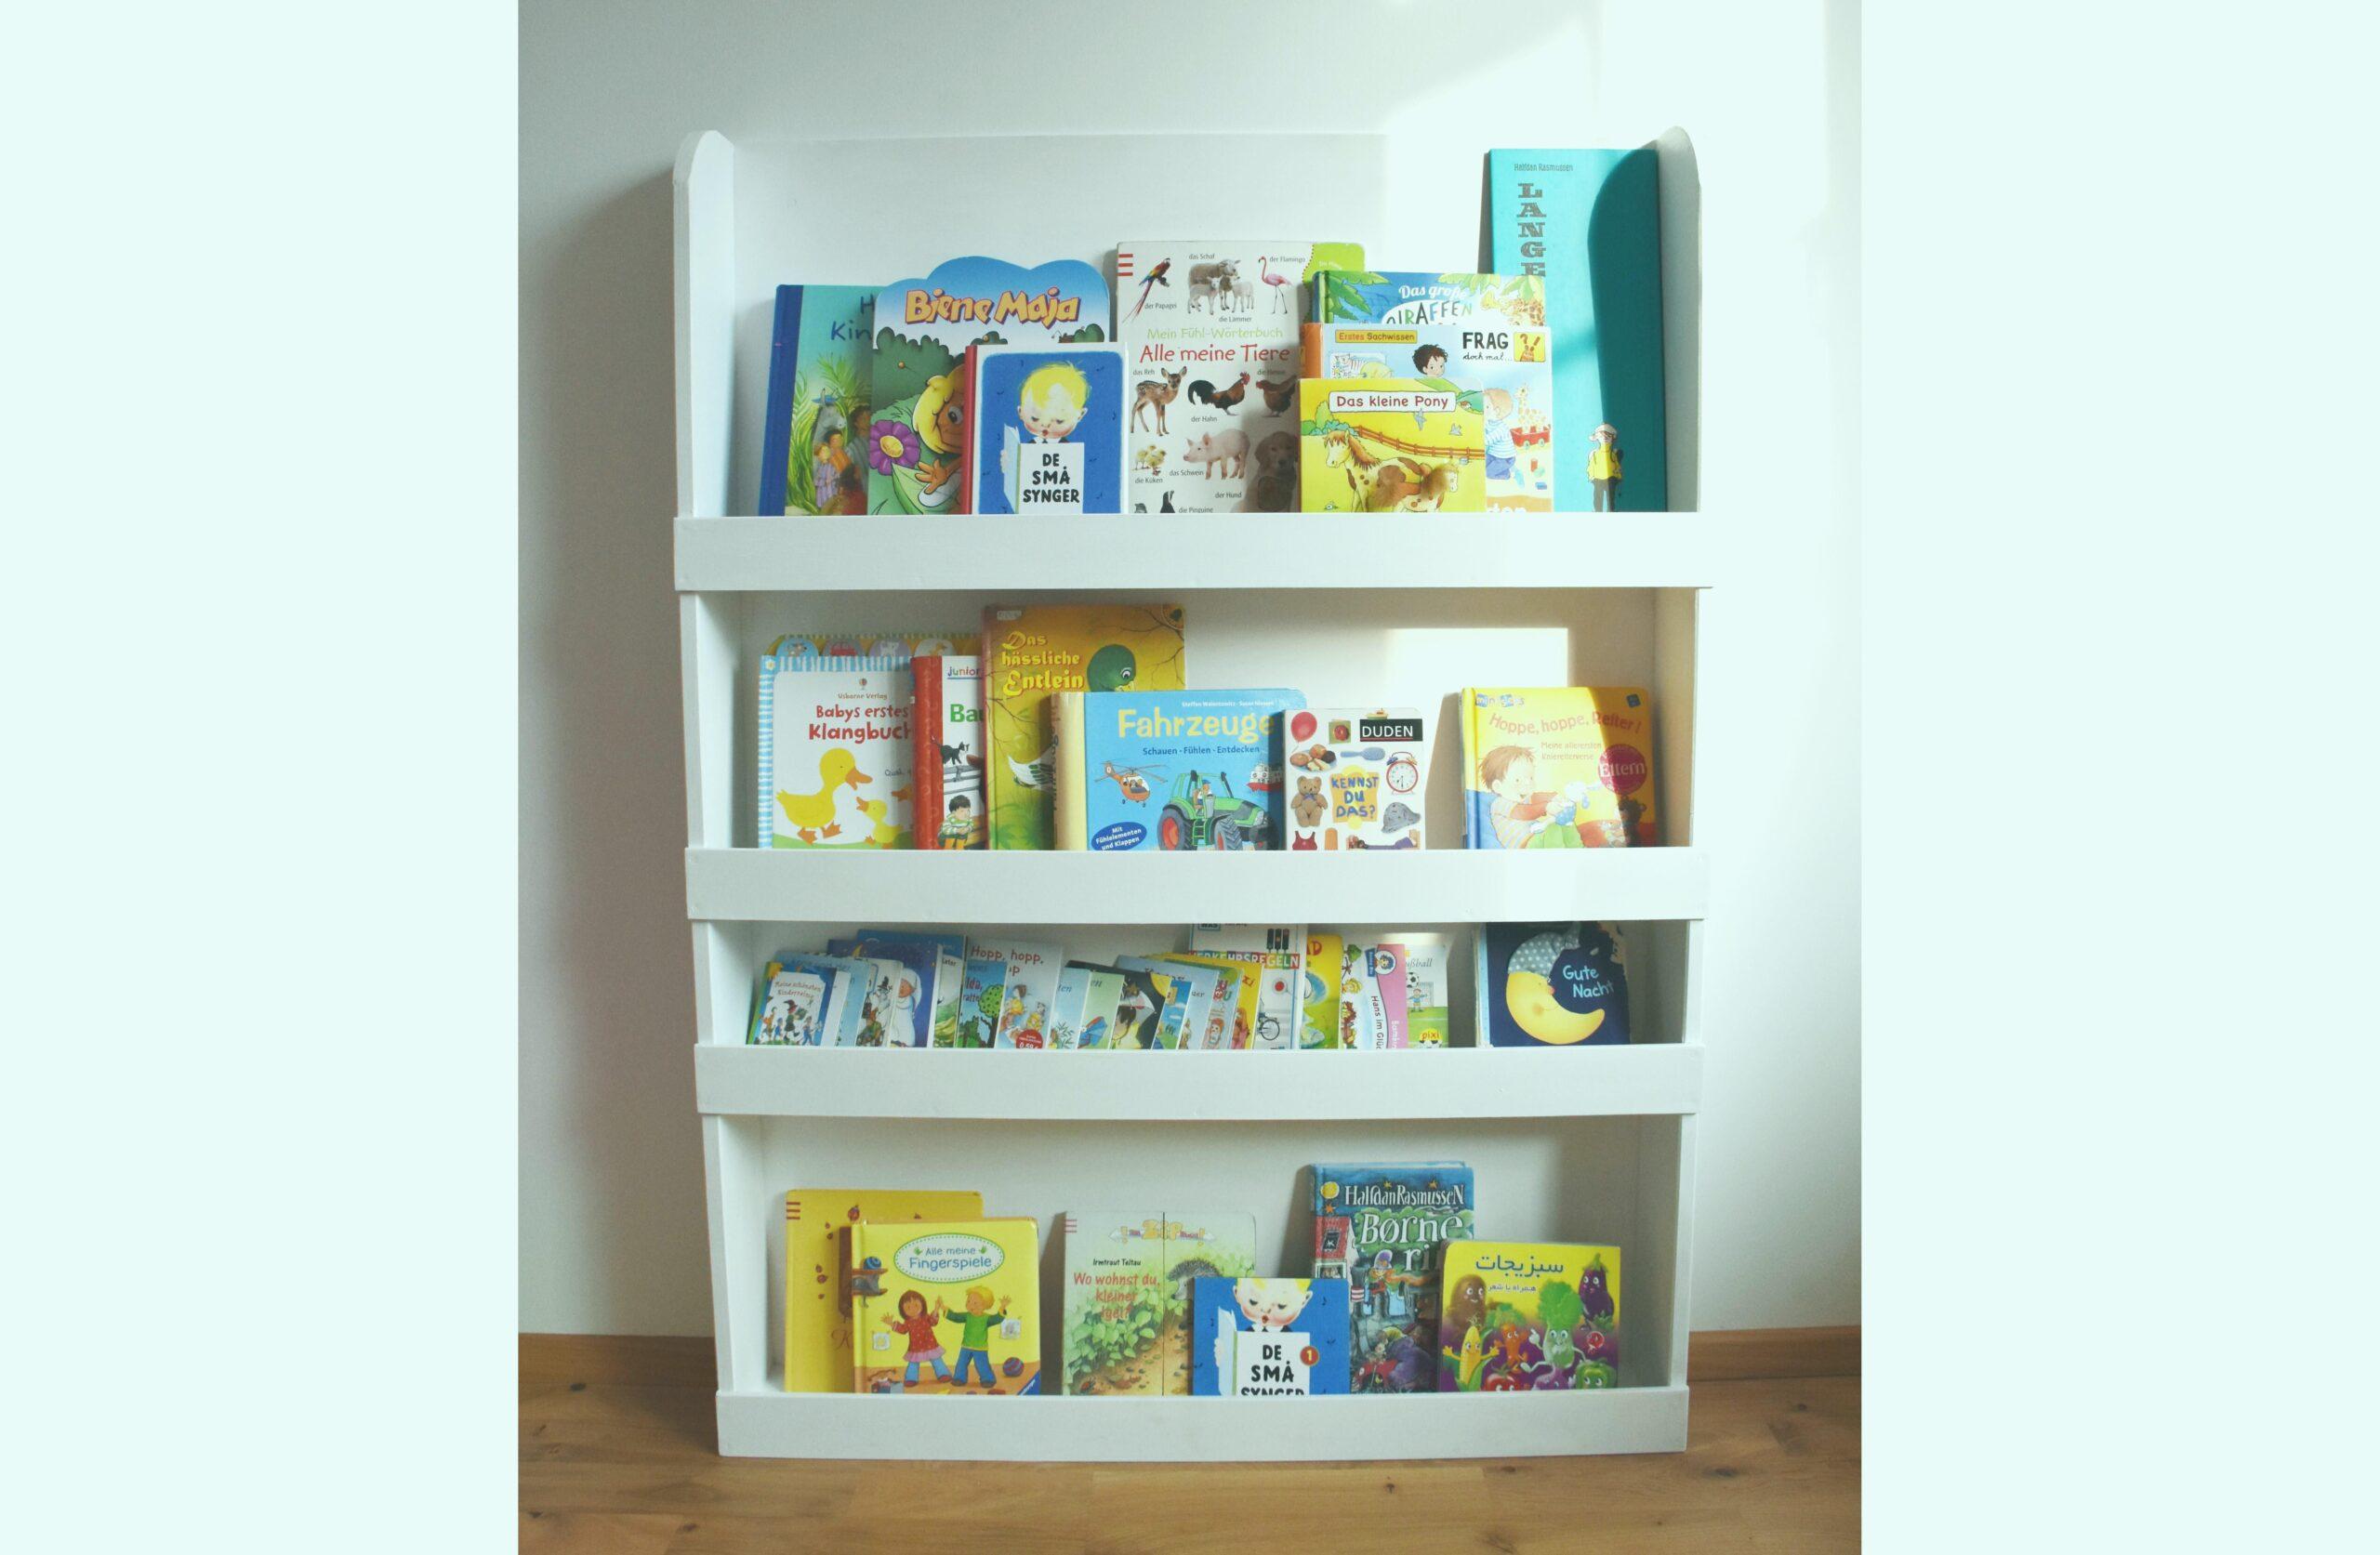 Full Size of Kinderzimmer Aufbewahrung Ikea Aufbewahrungsregal Aufbewahrungskorb Blau Gross Regal Spielzeug Gebraucht Mint Aufbewahrungsboxen Aufbewahrungssystem Lidl Ideen Kinderzimmer Kinderzimmer Aufbewahrung